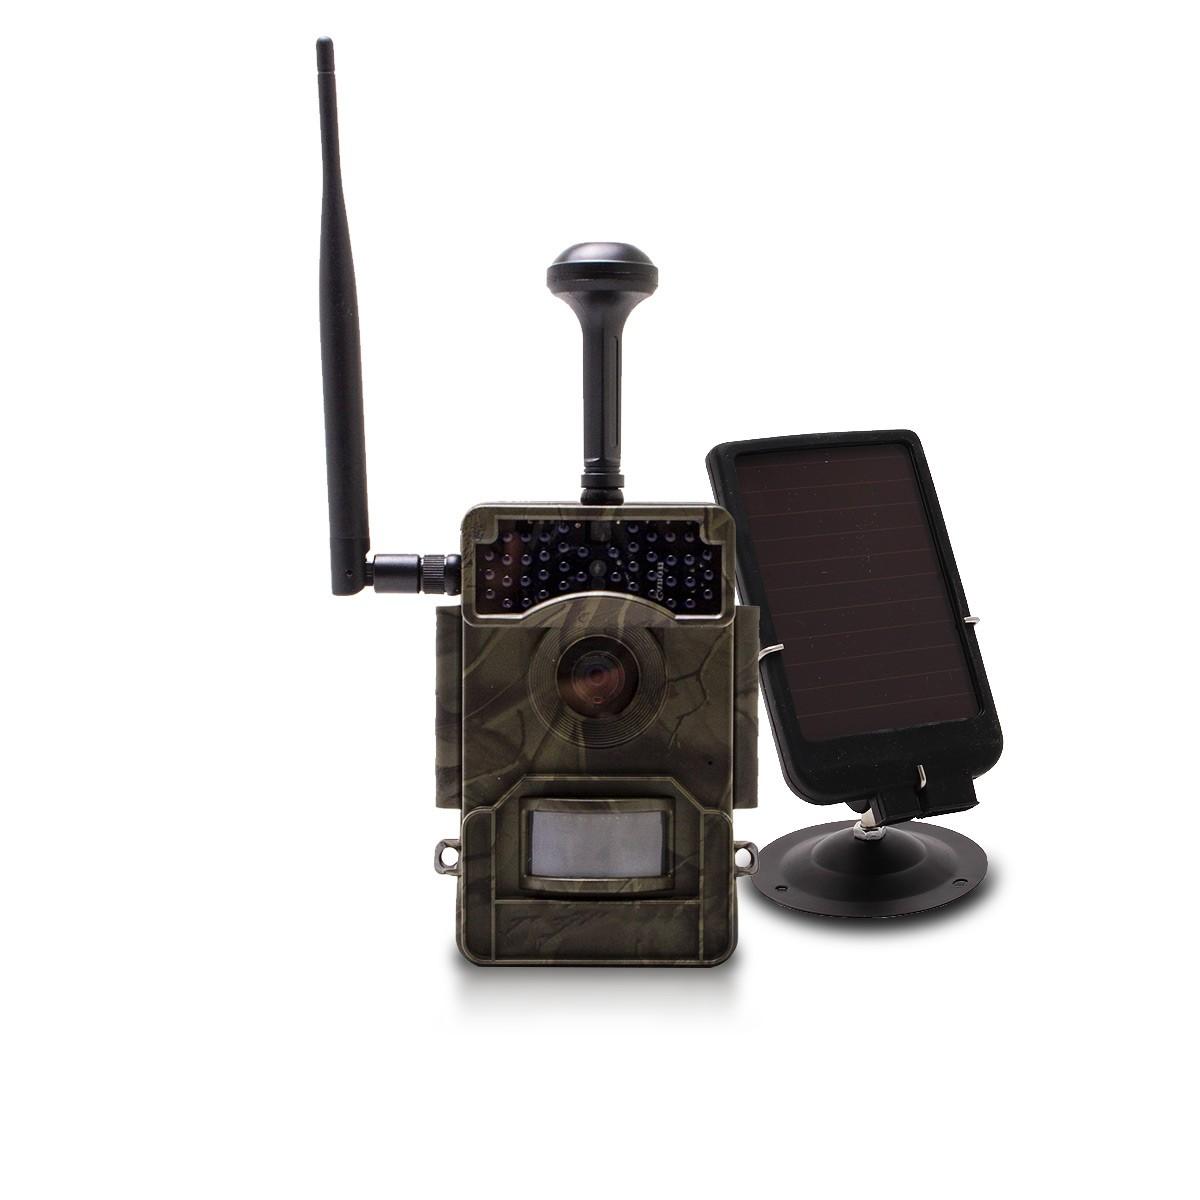 Caméra de chasse HD 1080P IR invisible GPS GSM 4G alerte push envoi photo et vidéo sur application iOS et Android serveur cloud e-mail et FTP avec batterie solaire